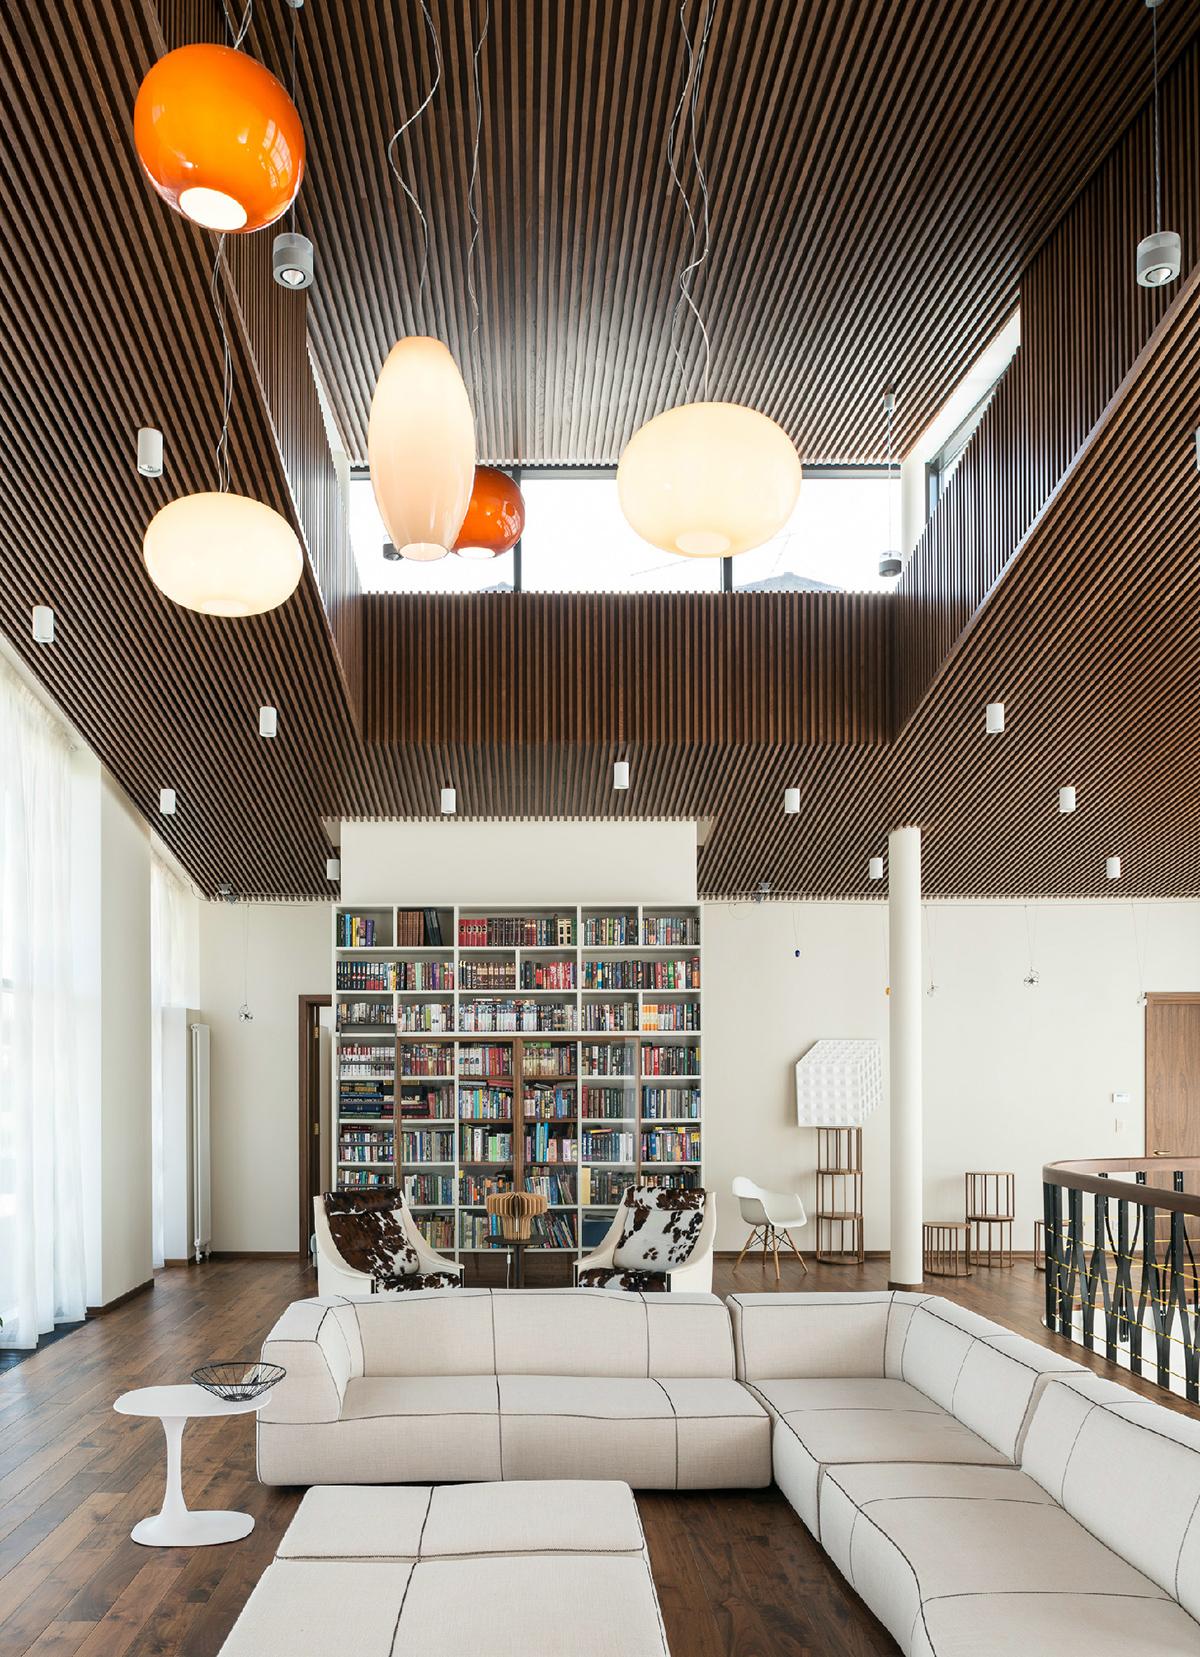 Загородный дом «», библиотека, фото из проекта